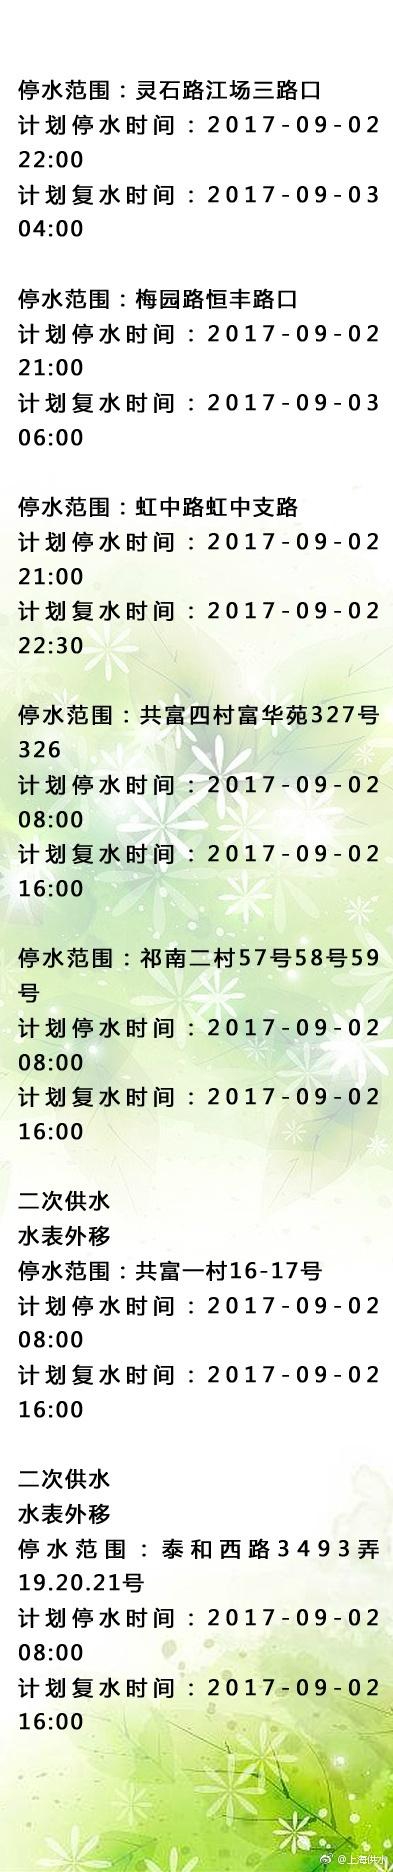 2017年9月2日上海停水通知及停水路段